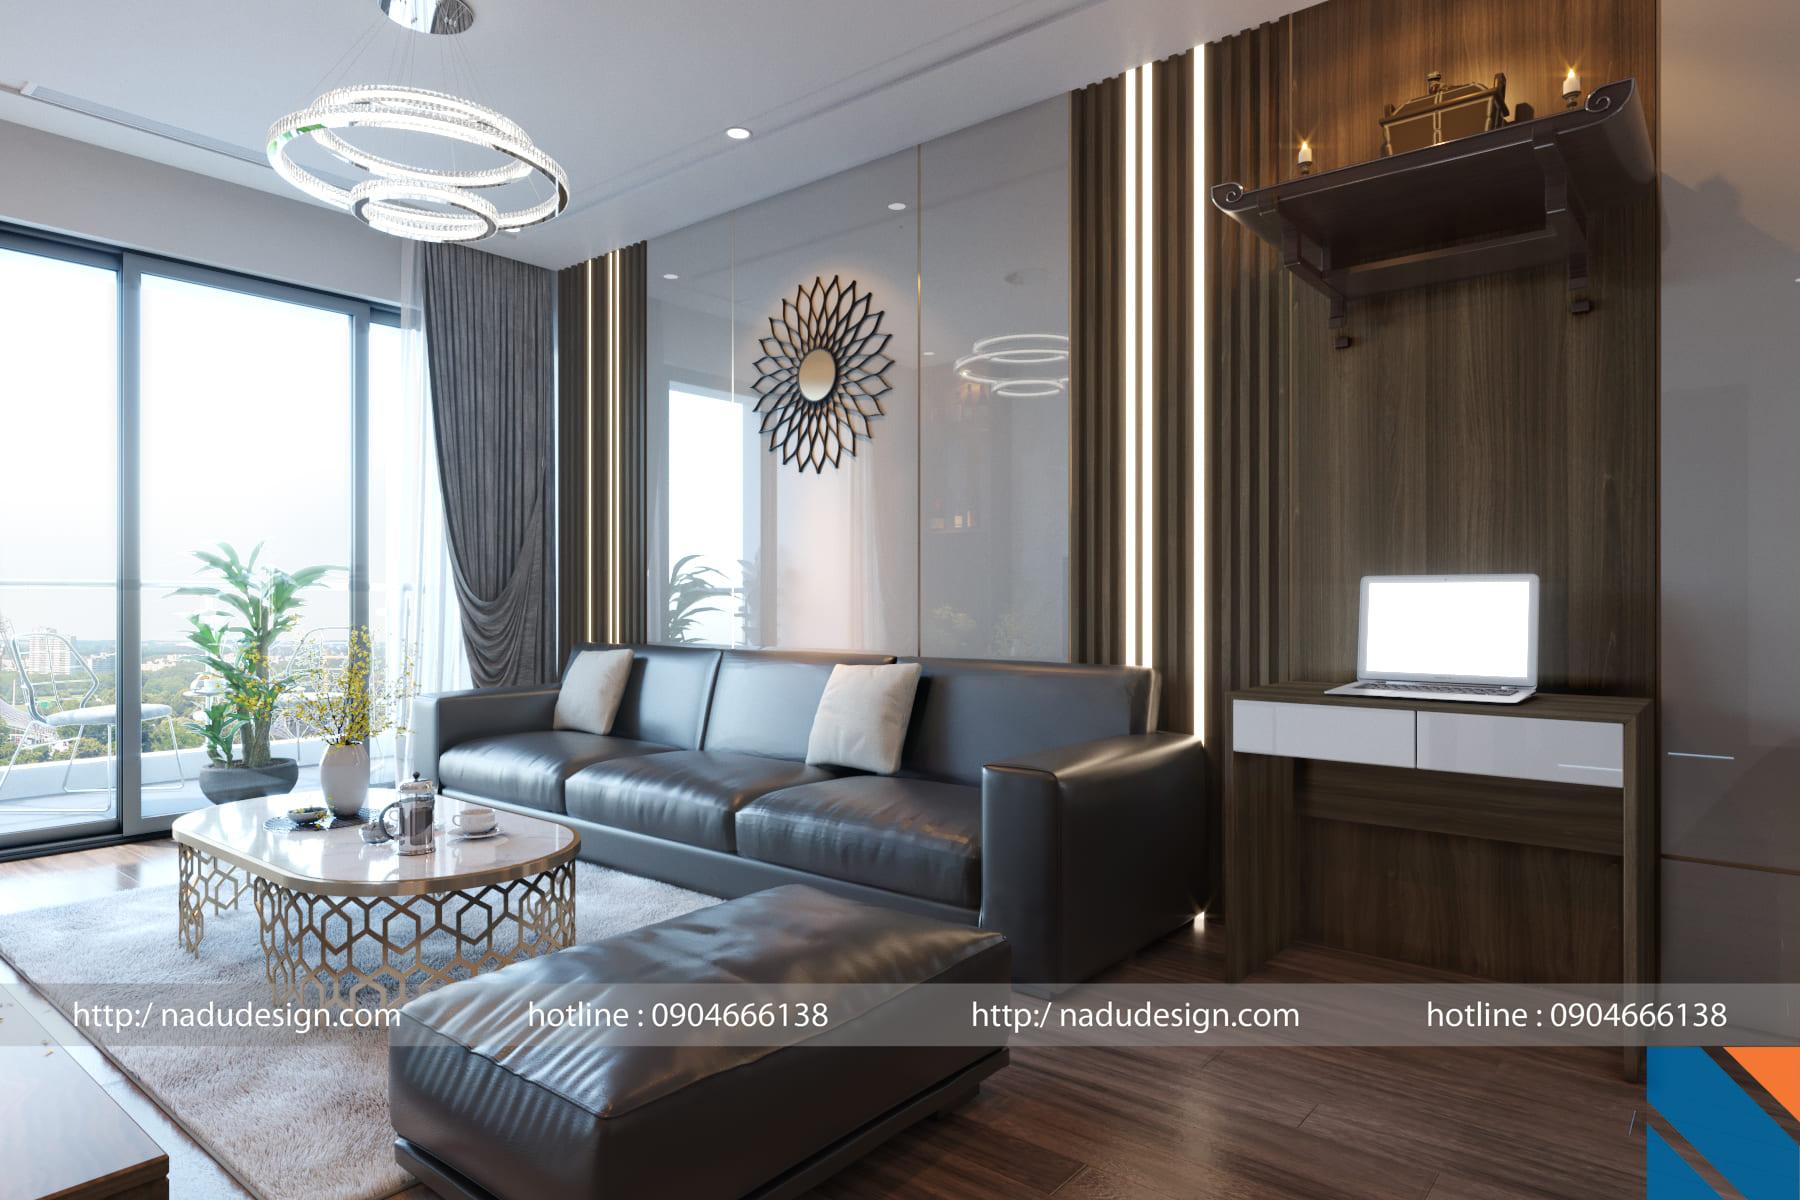 Phong thủy nhà ở - mẫu thiết kế của Nadu Design